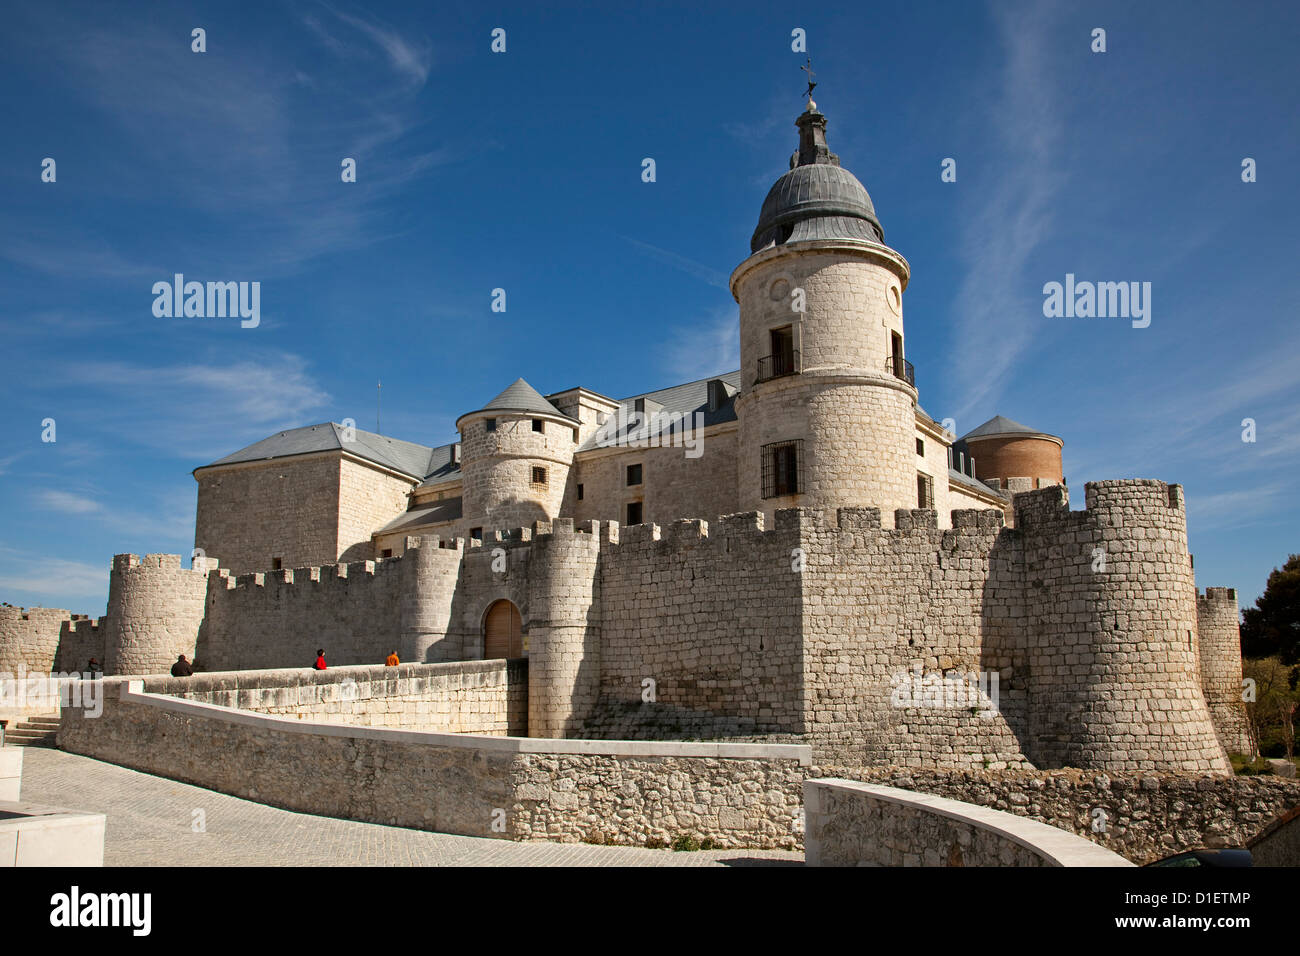 Castello Archivio Storico Simancas Valladolid Castiglia e Leon Spagna Immagini Stock